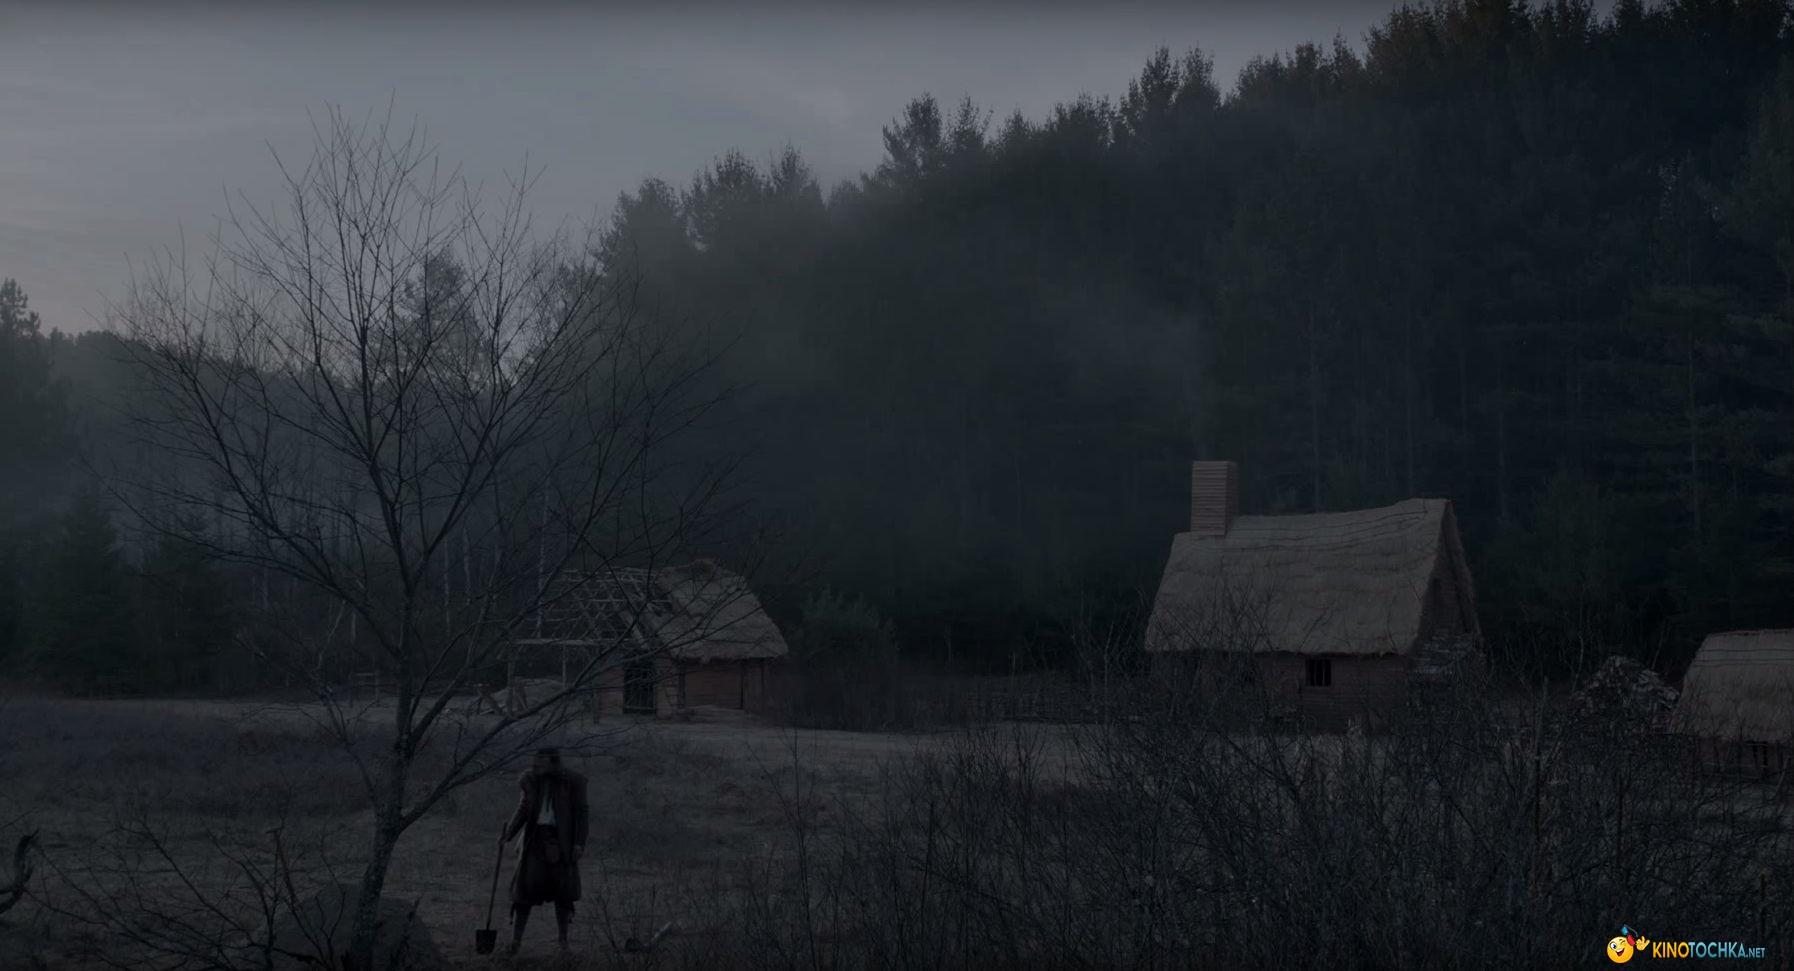 Сильвестр Сталлоне все фильмы смотреть онлайн фильмография